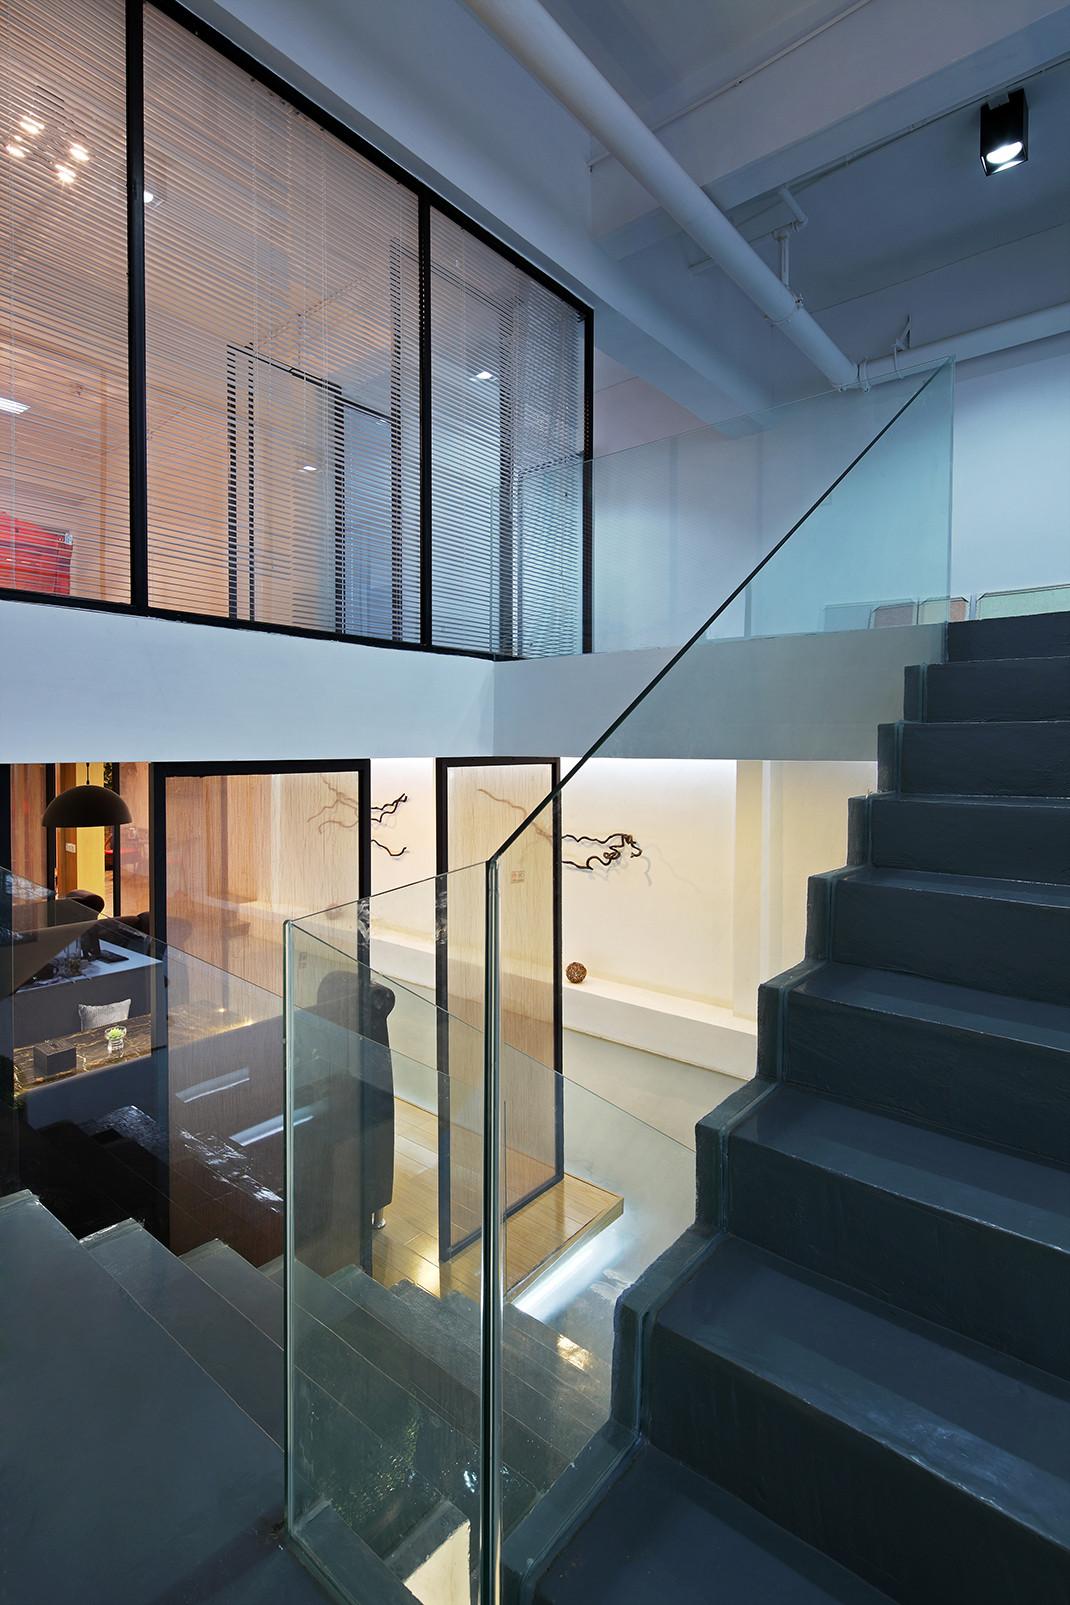 意境优美的办公室装修楼梯图片